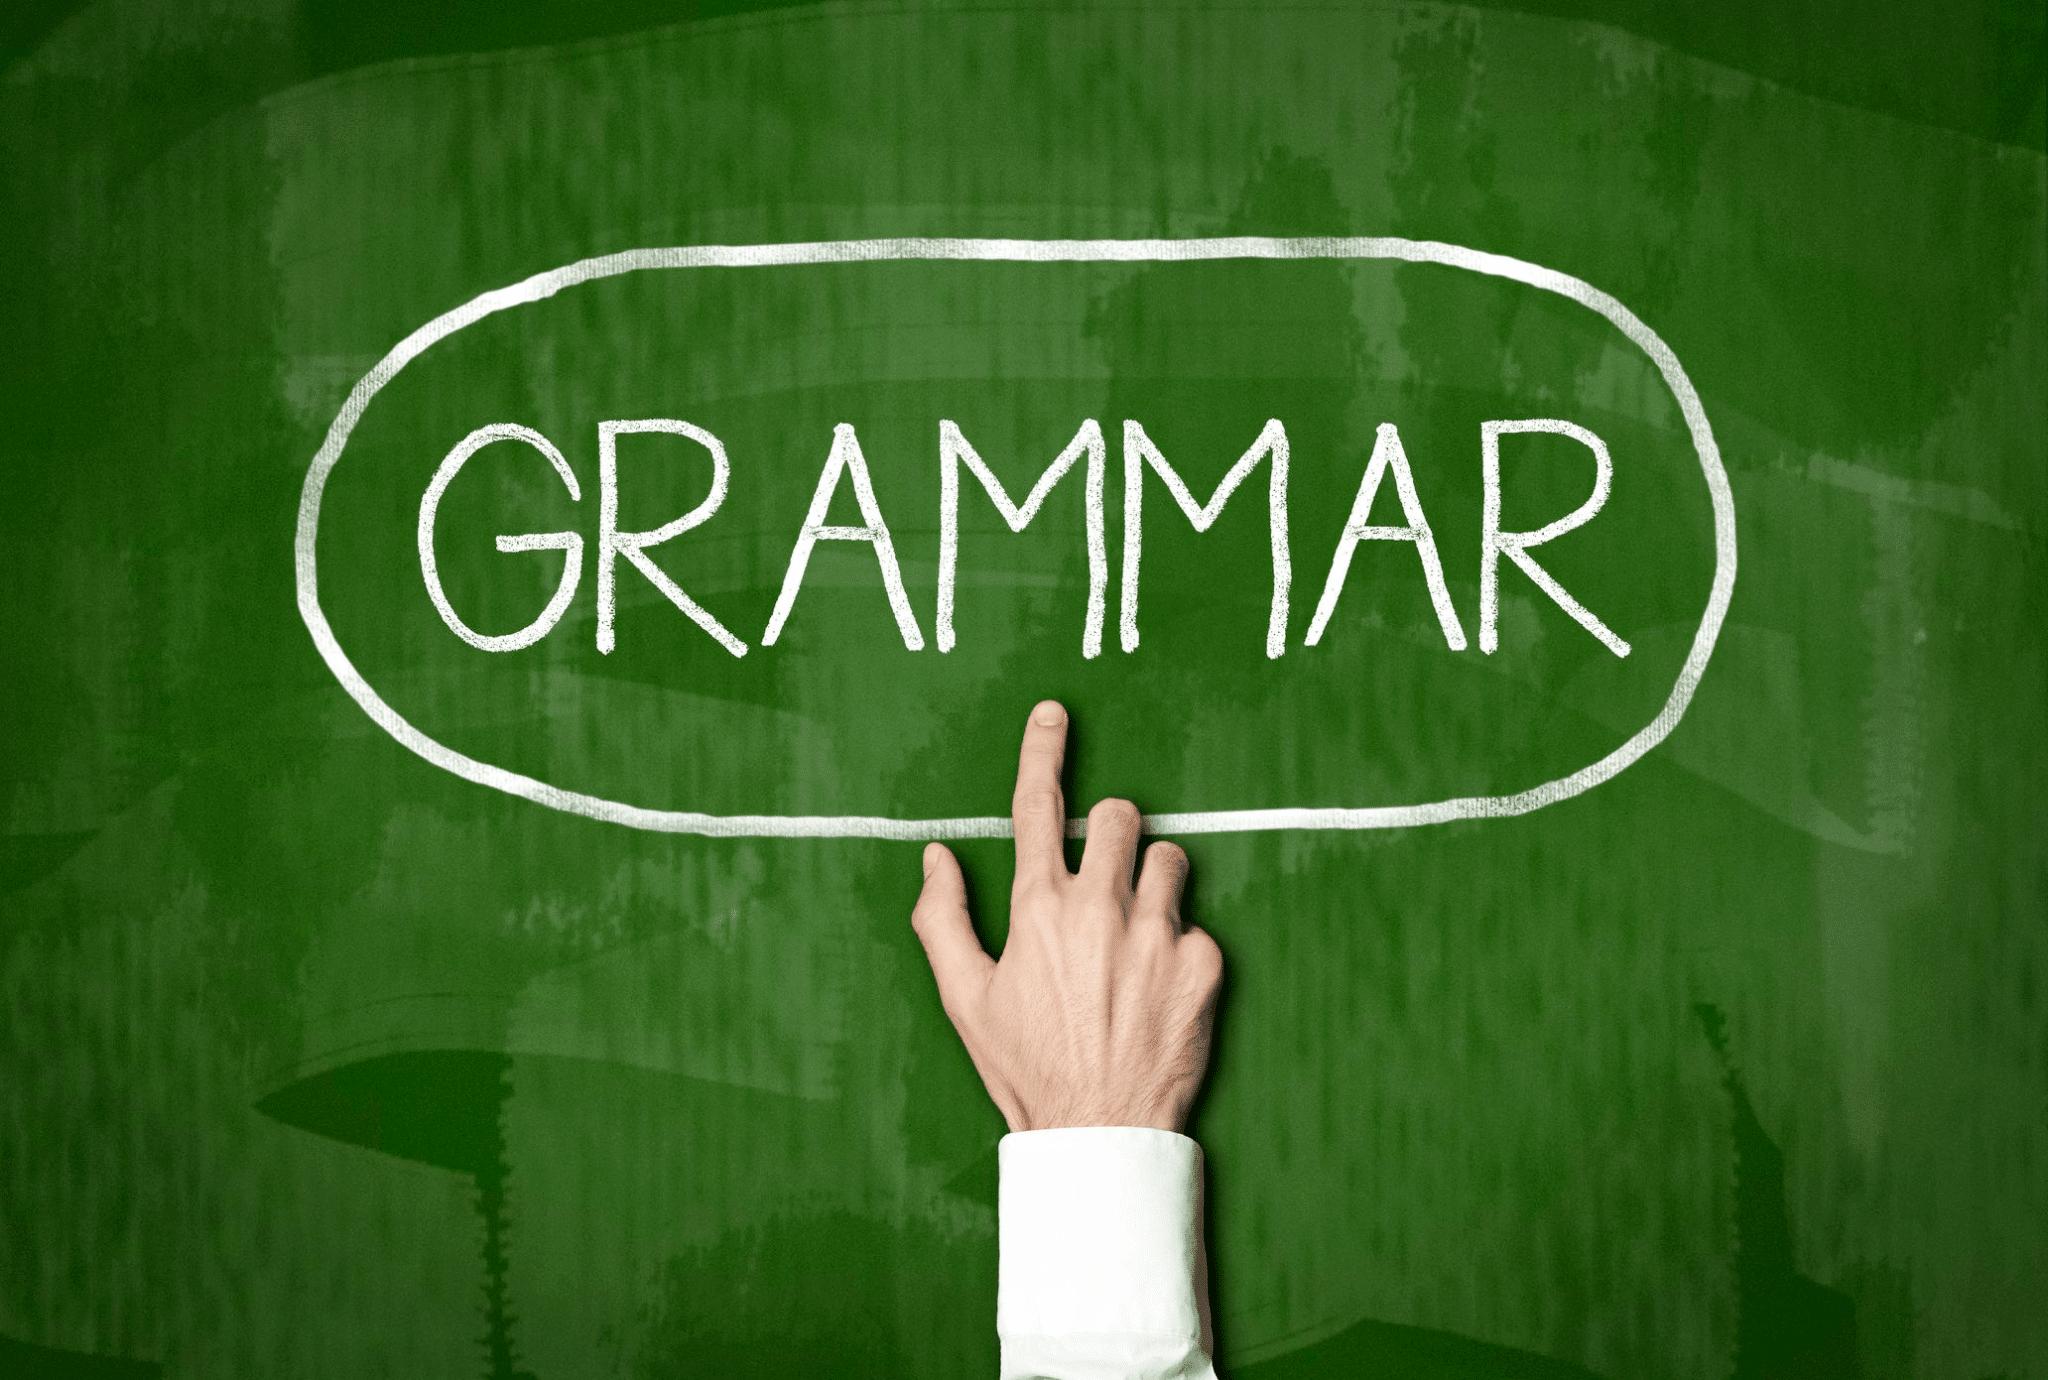 Học ngữ pháp tiếng Anh là cần thiết nhưng không phải là tất cả